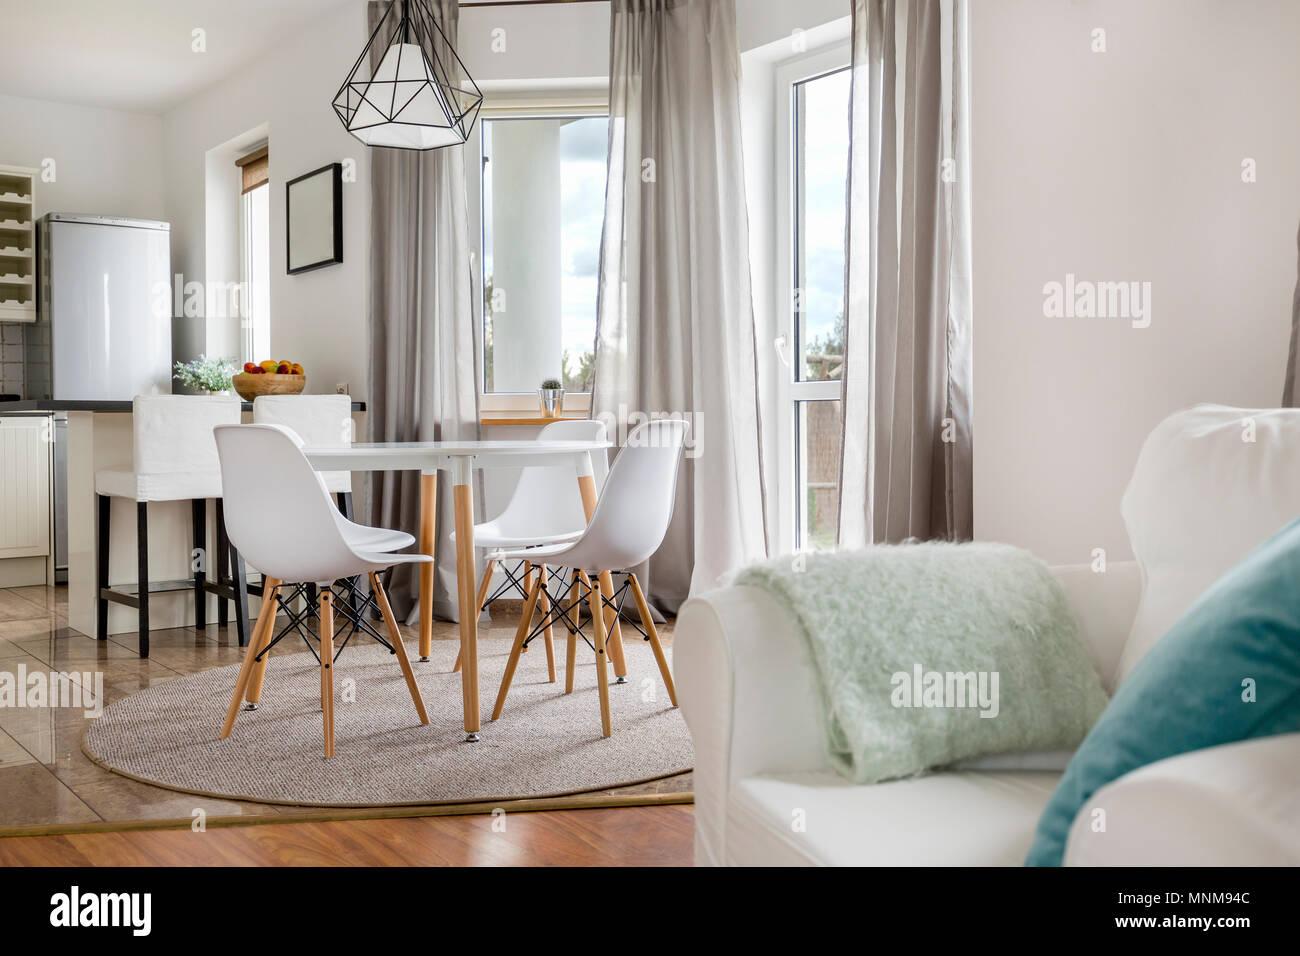 Nouvel Appartement Avec Table Ronde, Chaises Blanches Et Cuisine Ouverte